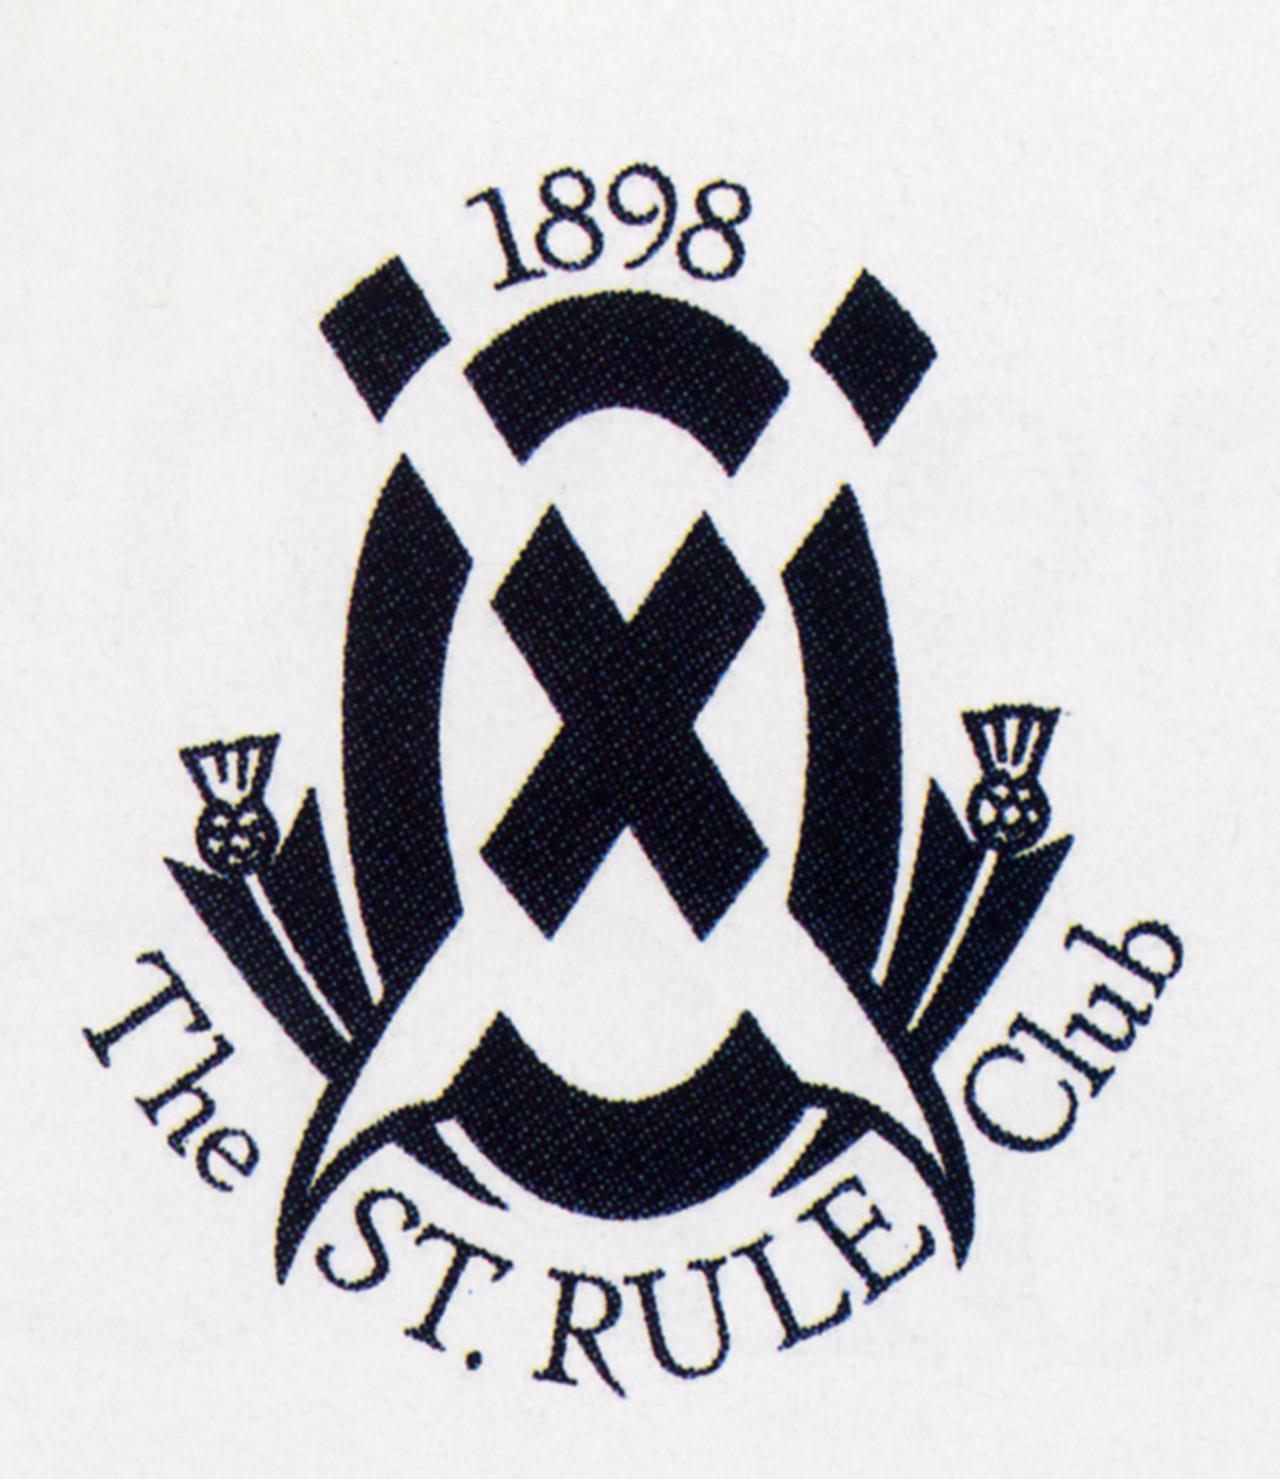 画像: 女性の「ソーシャルクラブ」として1898年に設立、現在のメンバーは約500人。ゴルフ以外にも活発に活動